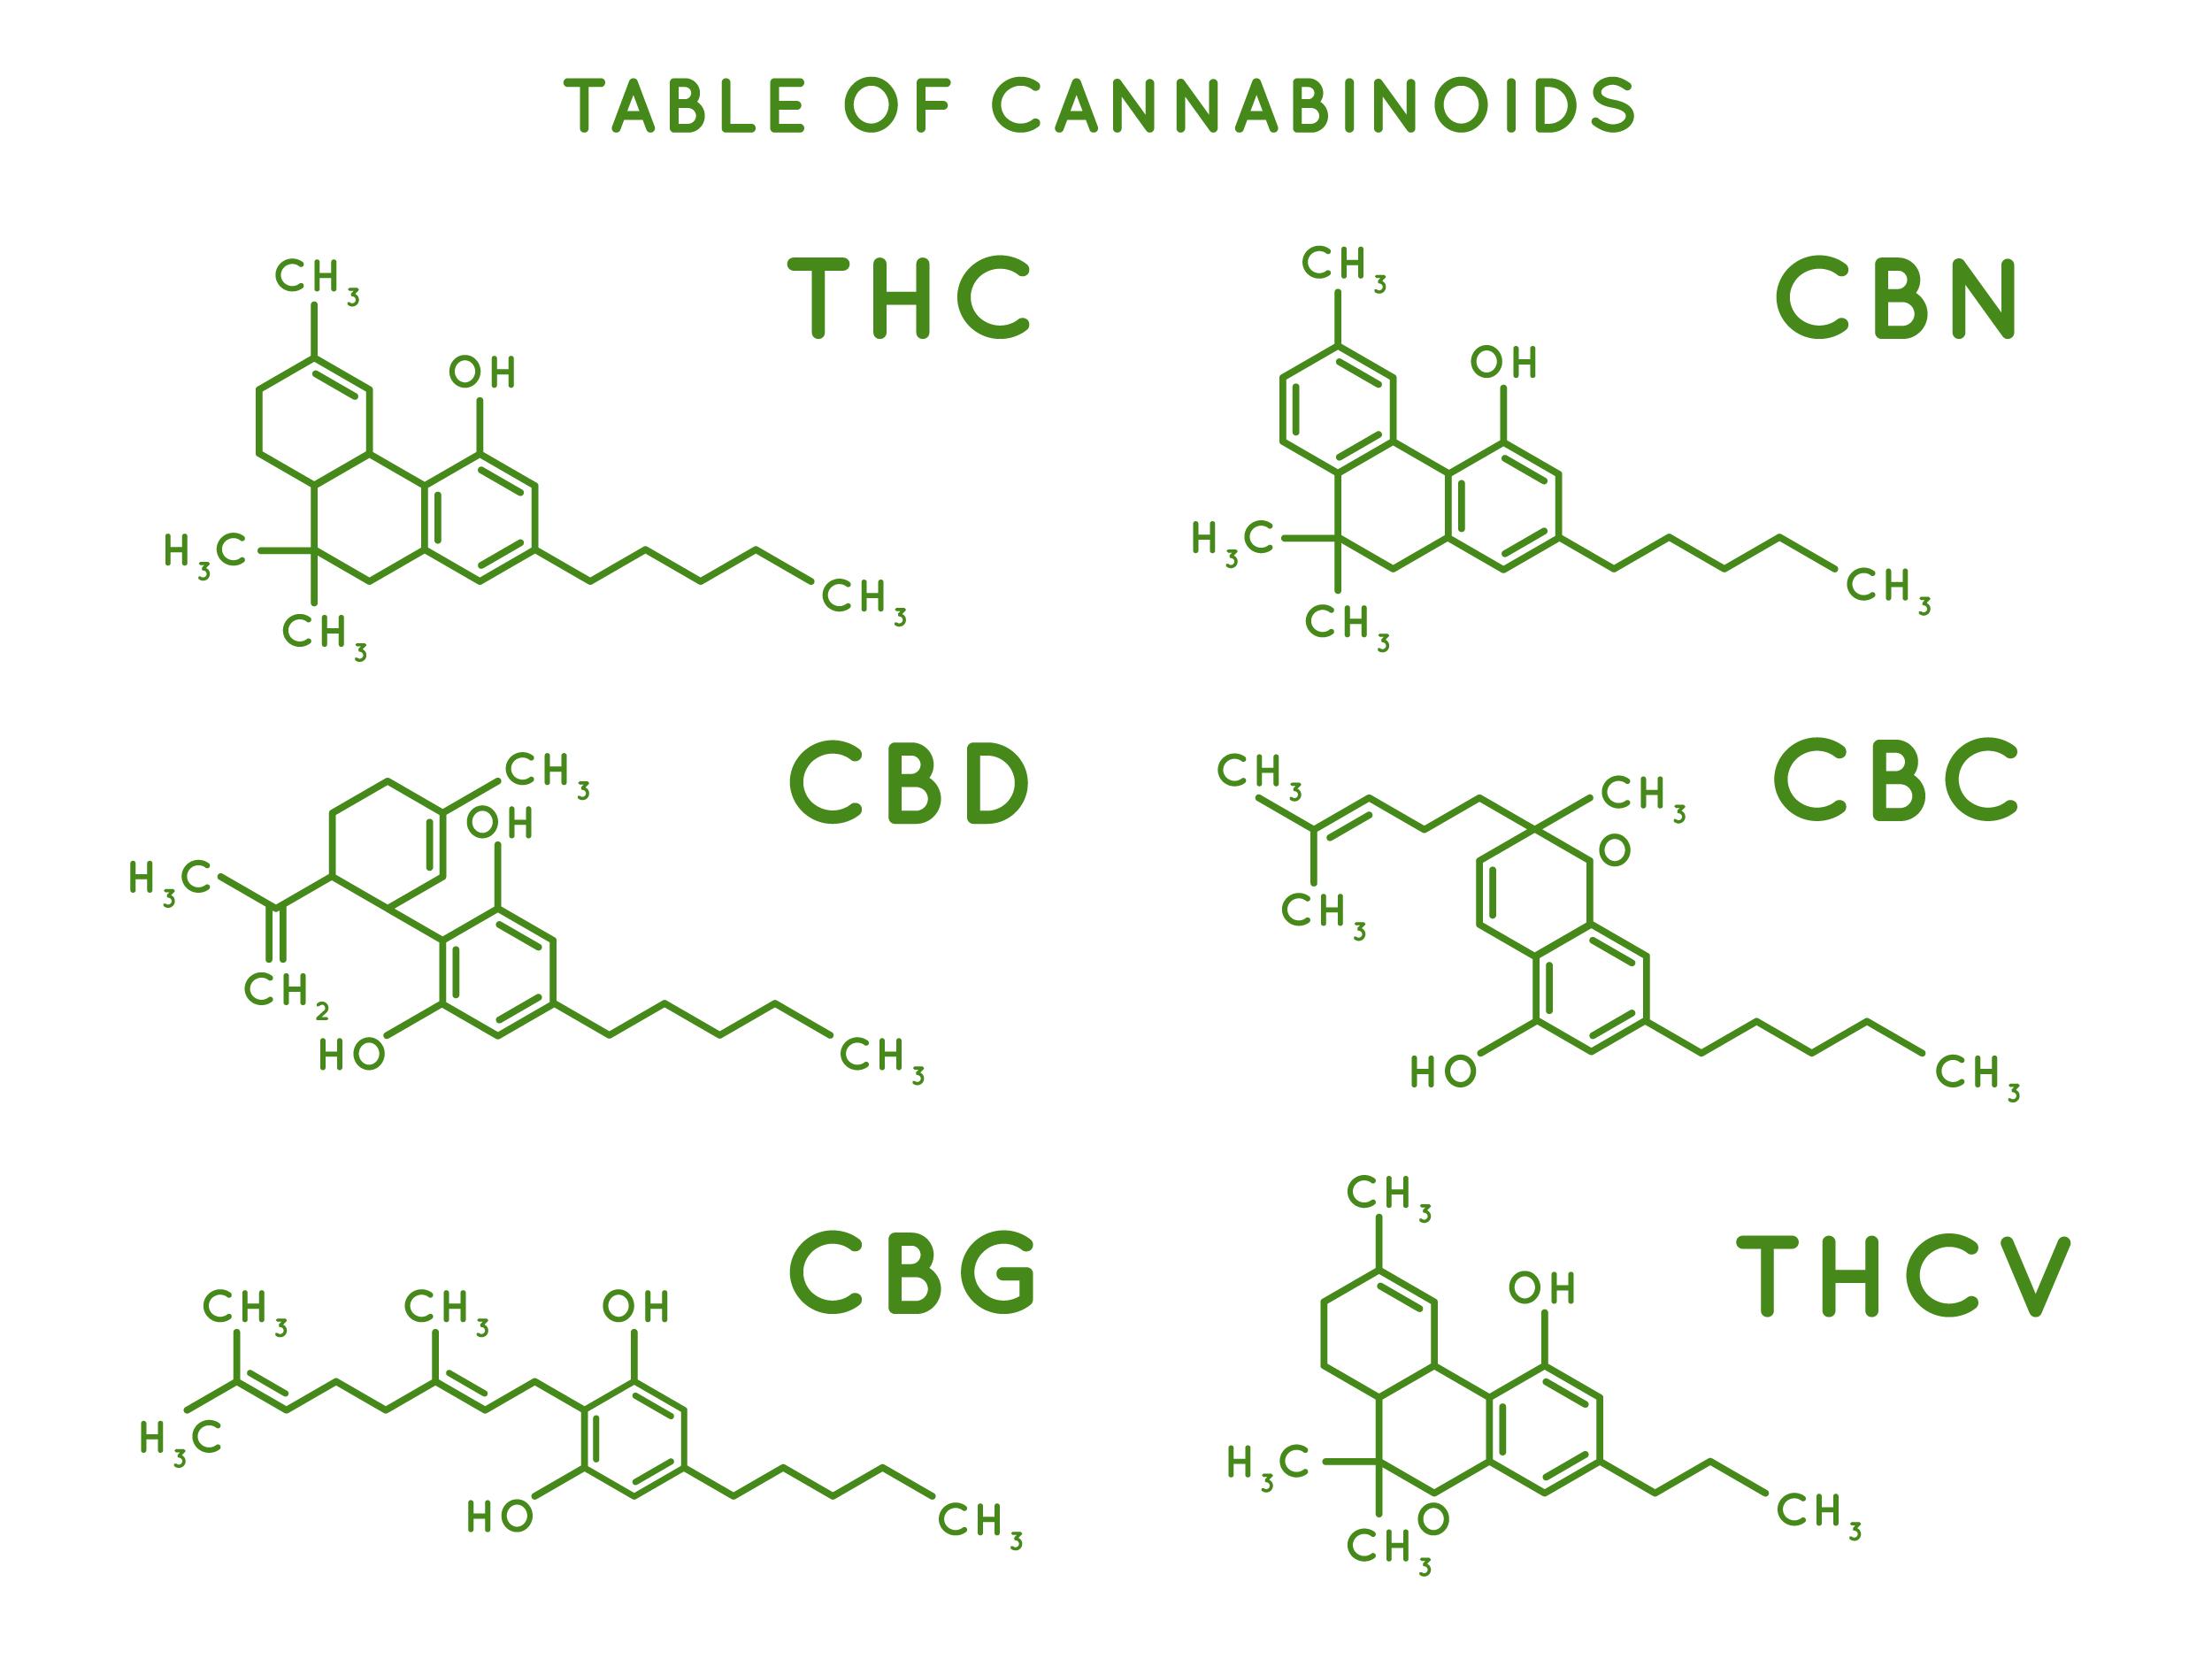 Cannabinoids, THC, CBD, CBN, CBG, THCV, cannabinoids, cannabinol, cannabigerol, cannabichromene,